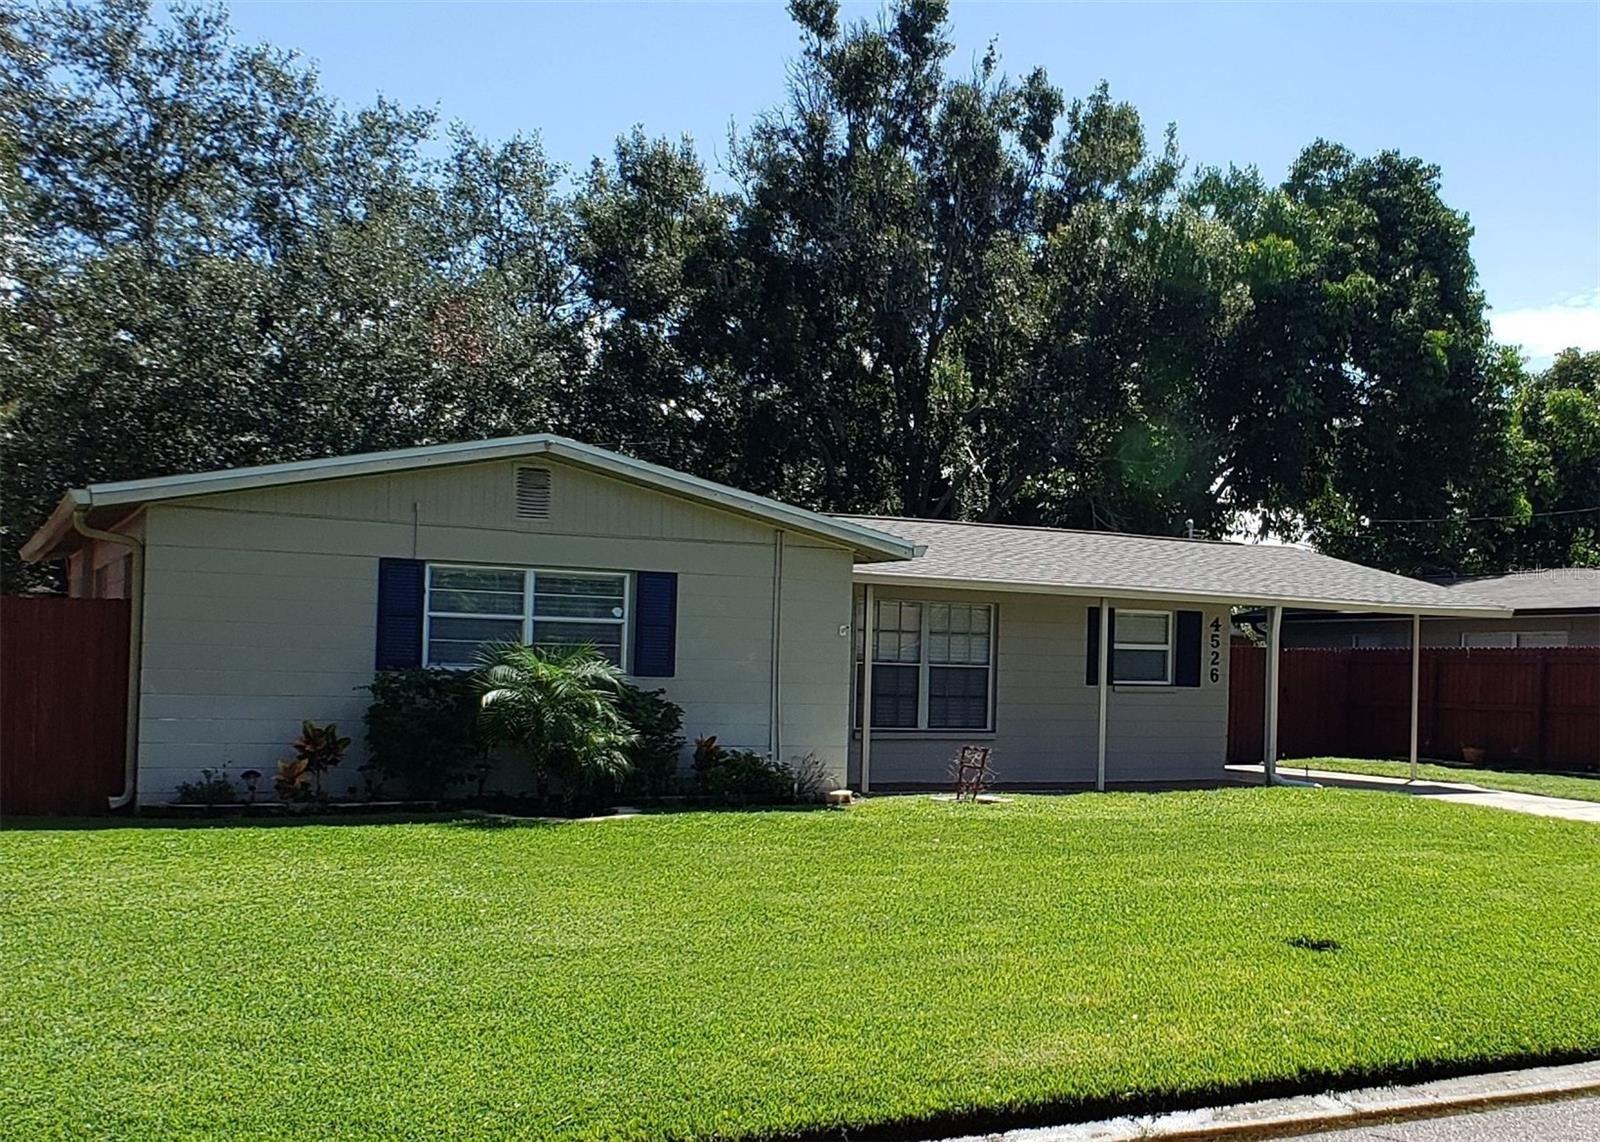 4526 S TRASK STREET, Tampa, FL 33611 - MLS#: T3306143